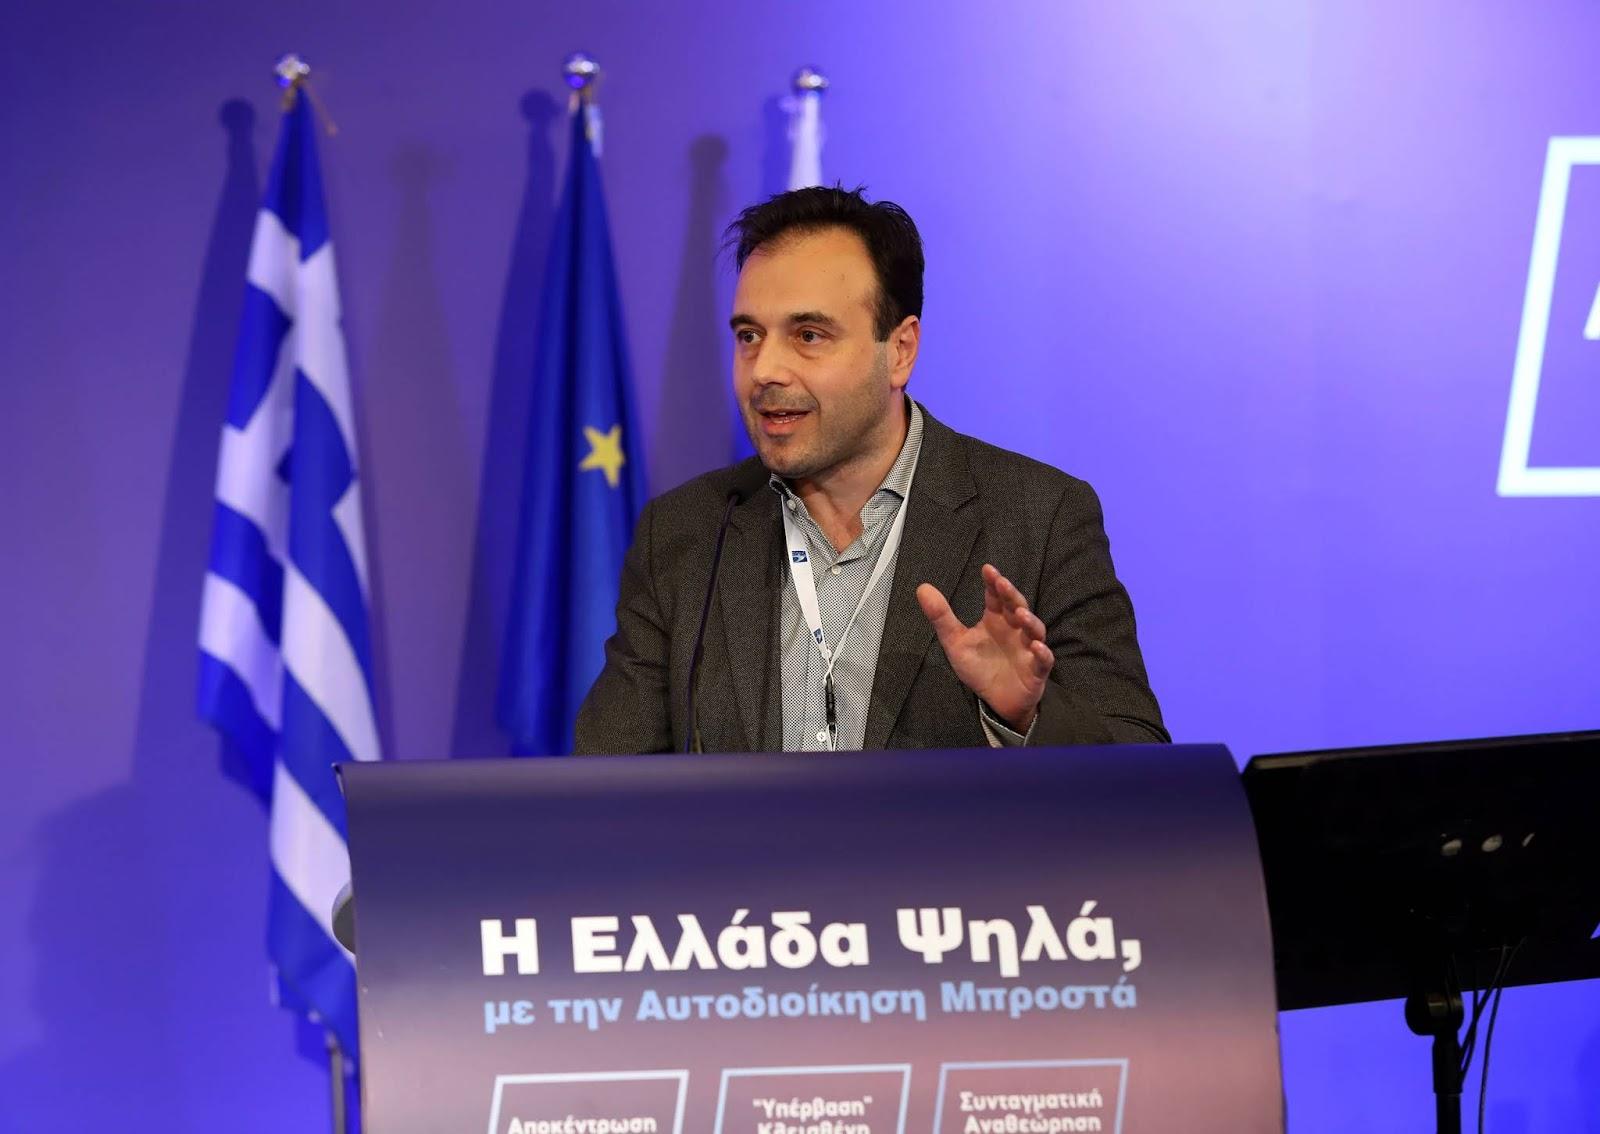 Δήλωση συμμετοχής στο κοινό ψηφοδέλτιο για την ΚΕΔΕ από τον Δήμαρχο Τρικκαίων